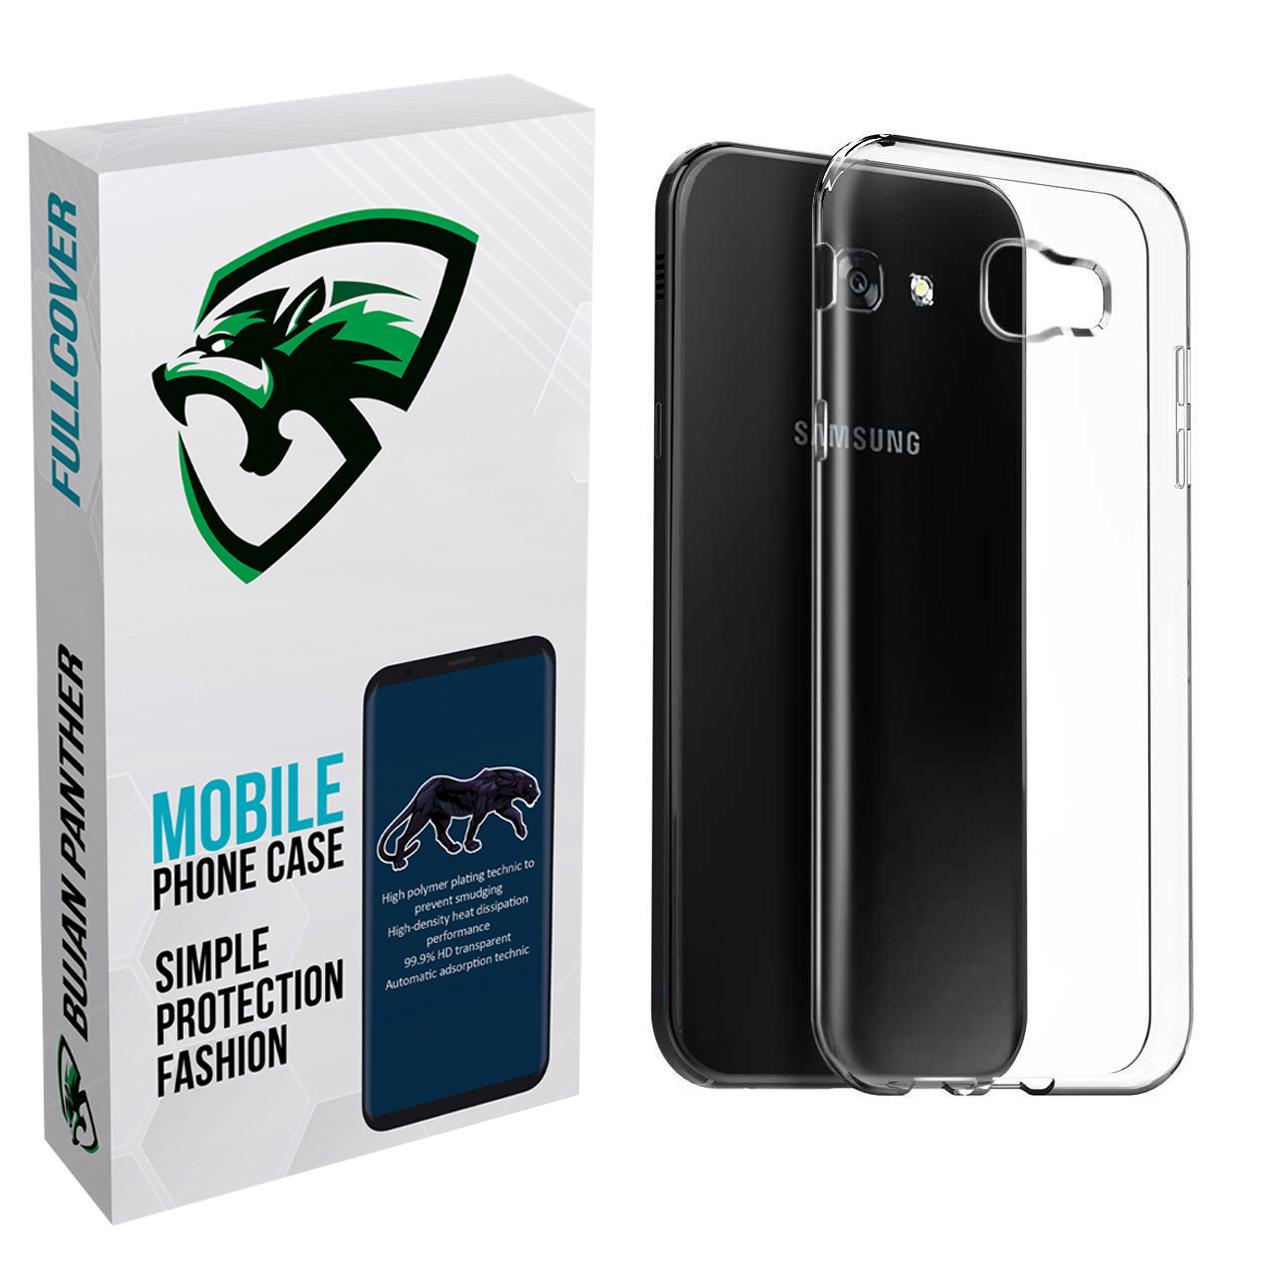 کاور مدل bjnj مناسب برای گوشی موبایل سامسونگ galaxy a7 2017              ( قیمت و خرید)